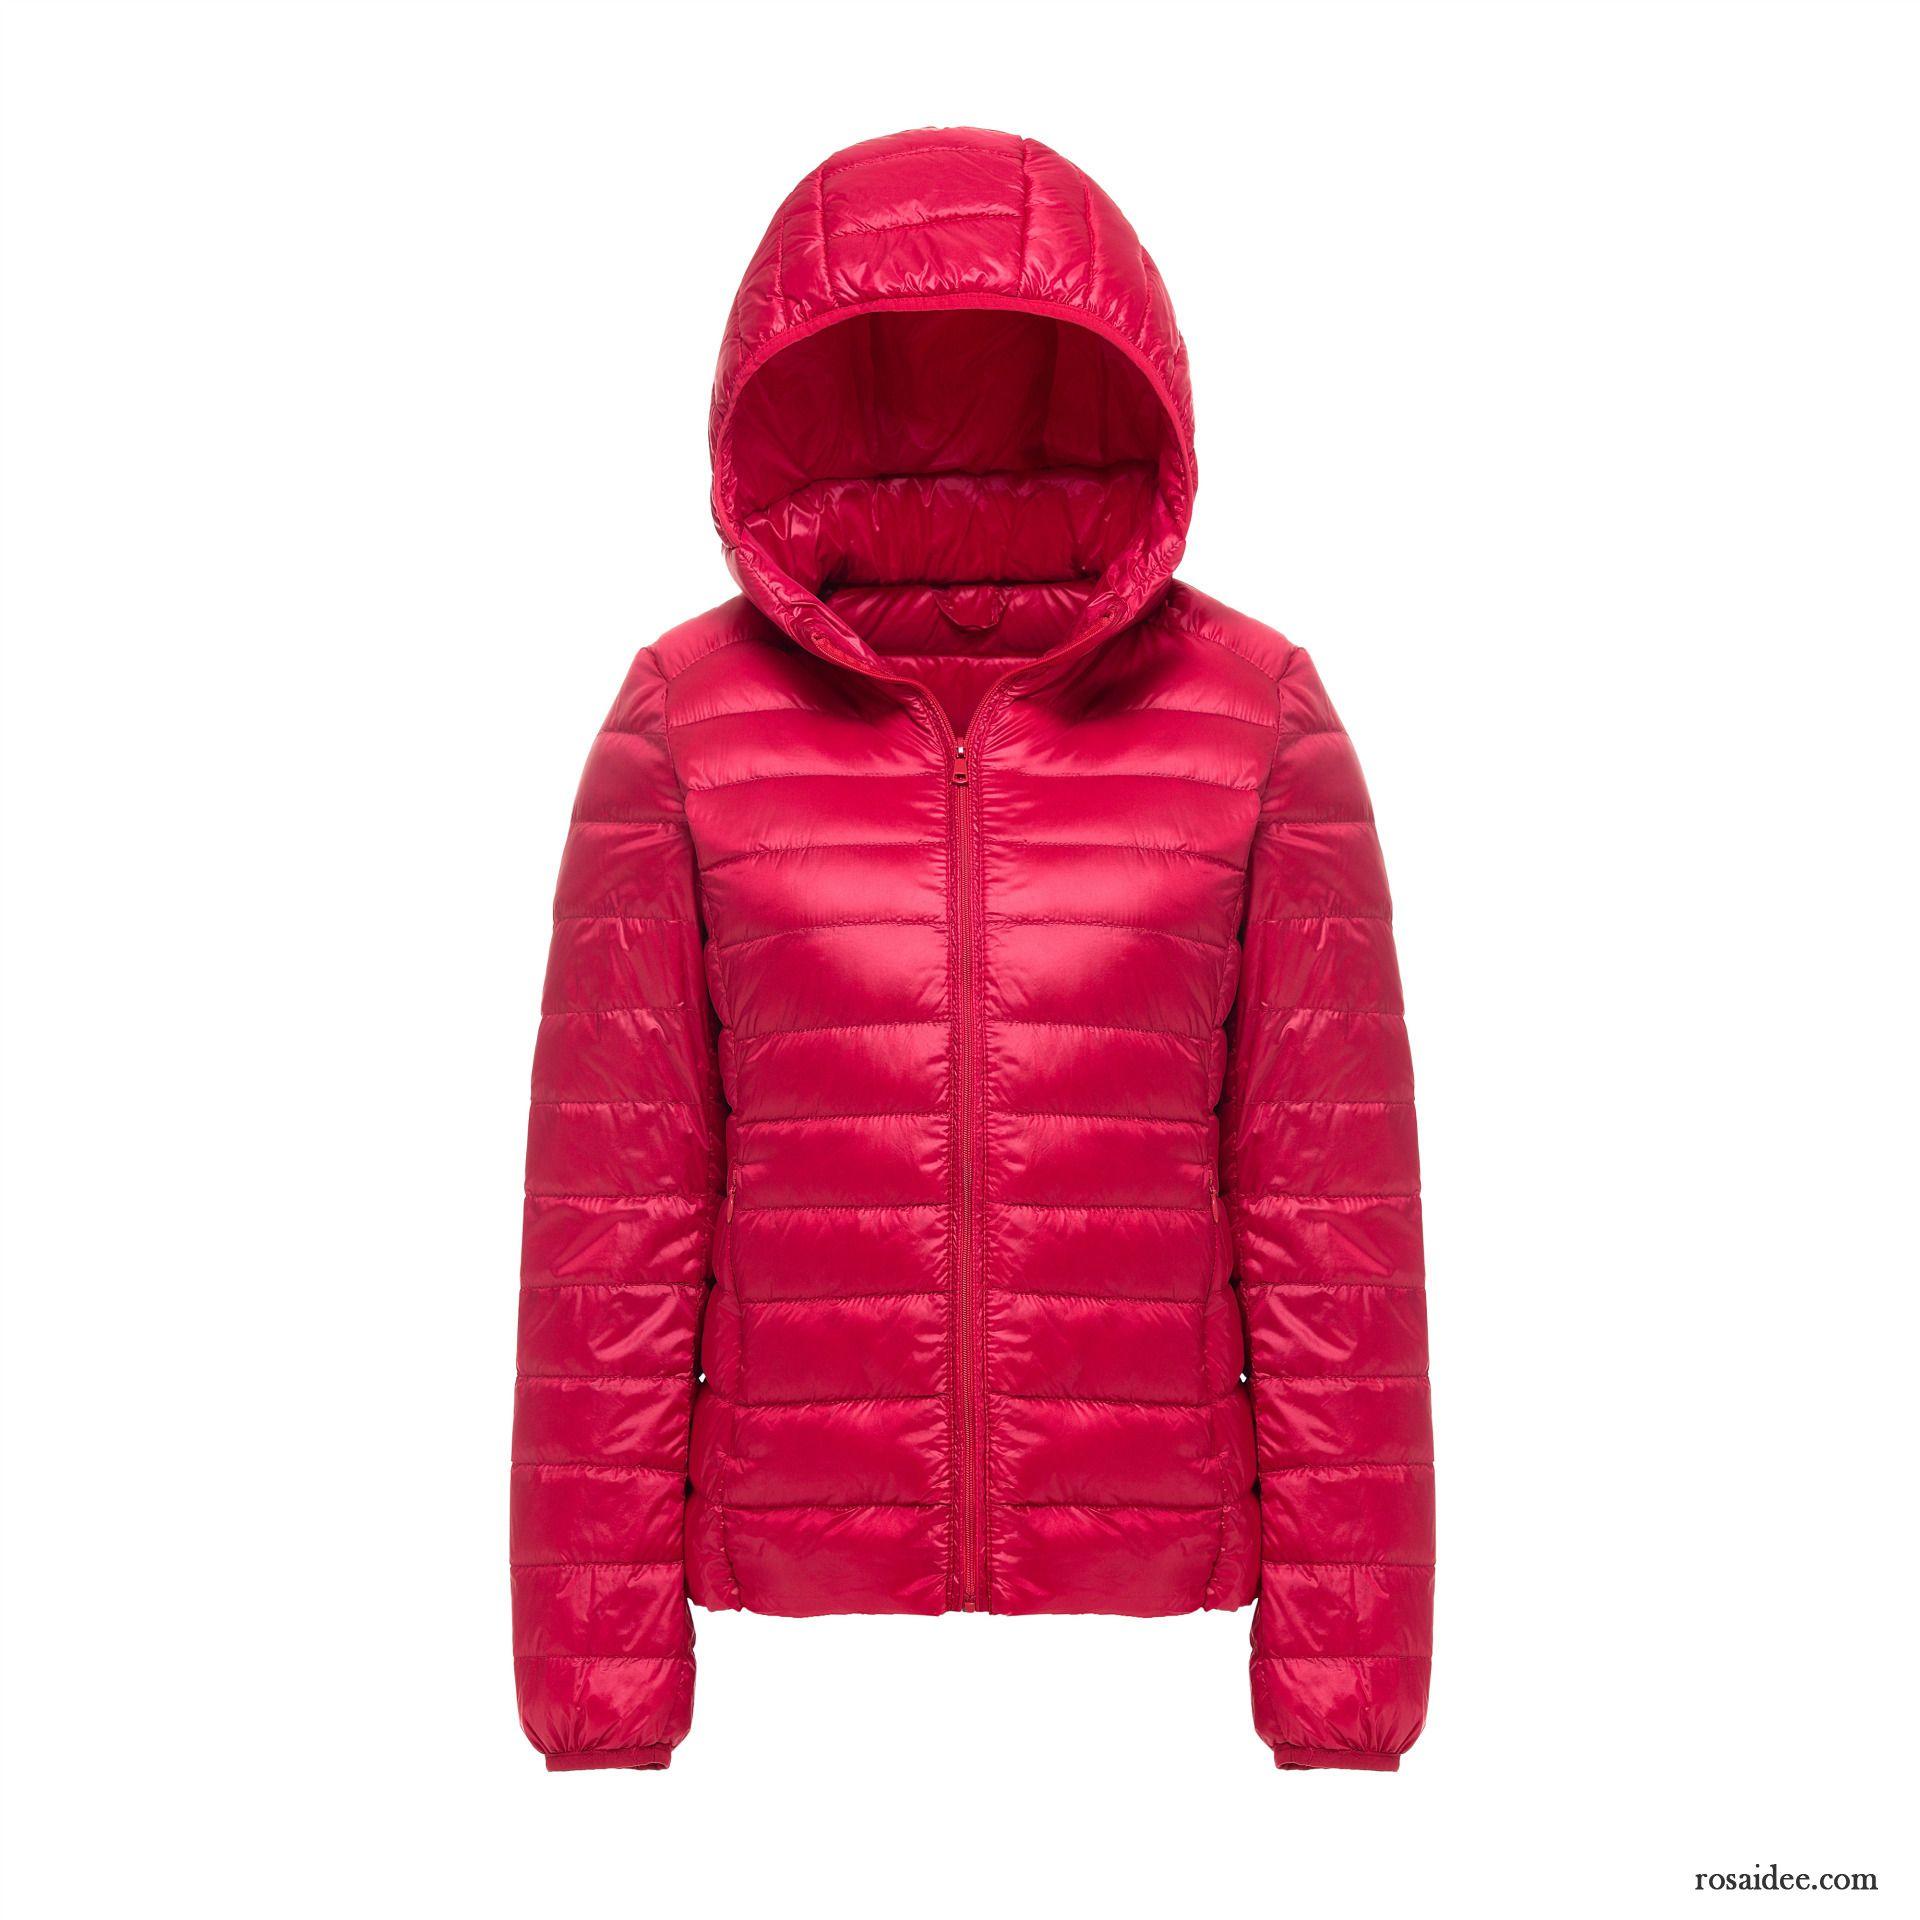 reputable site 1b39c e4c31 Damen Daunenjacke Pink Rein Winterkleidung Überzieher ...